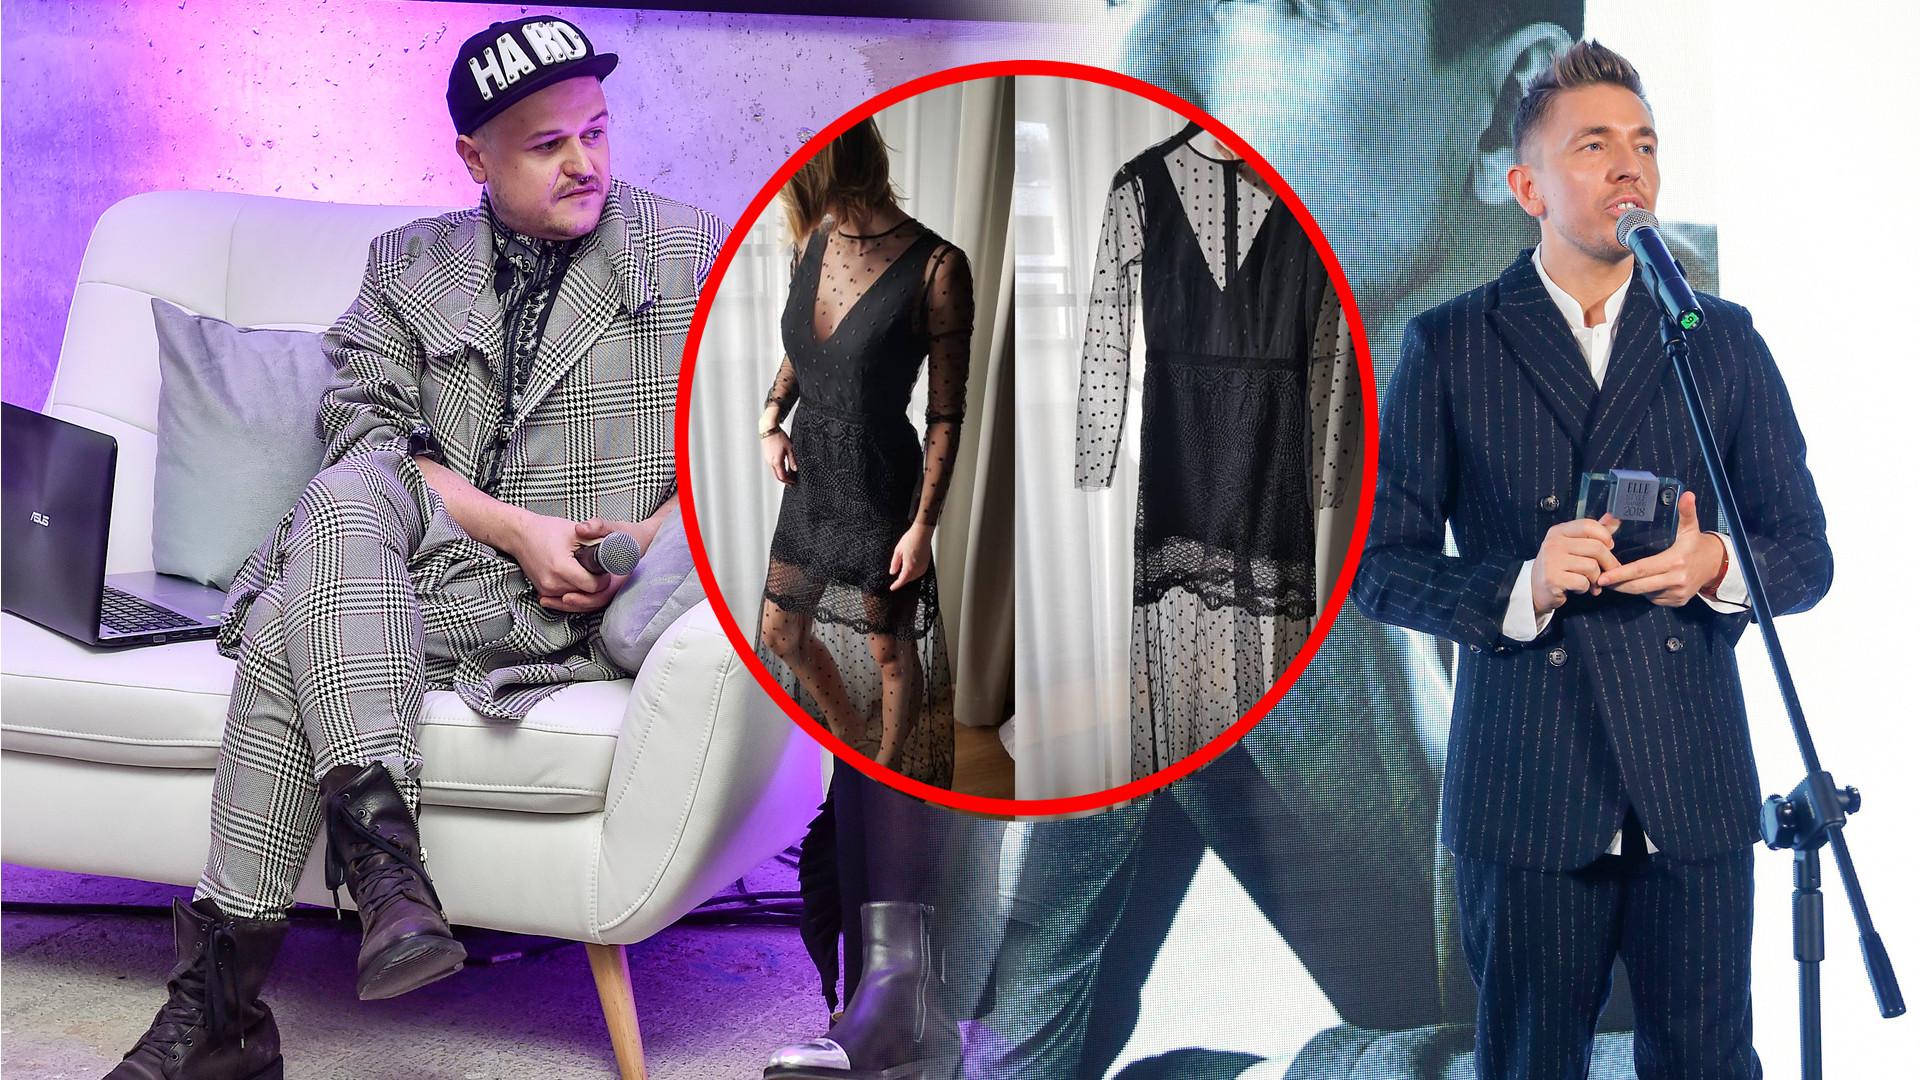 Fetysz nie odpuszcza Jemiołowi, pokazuje sukienkę wylicytowaną za 24 tysiące